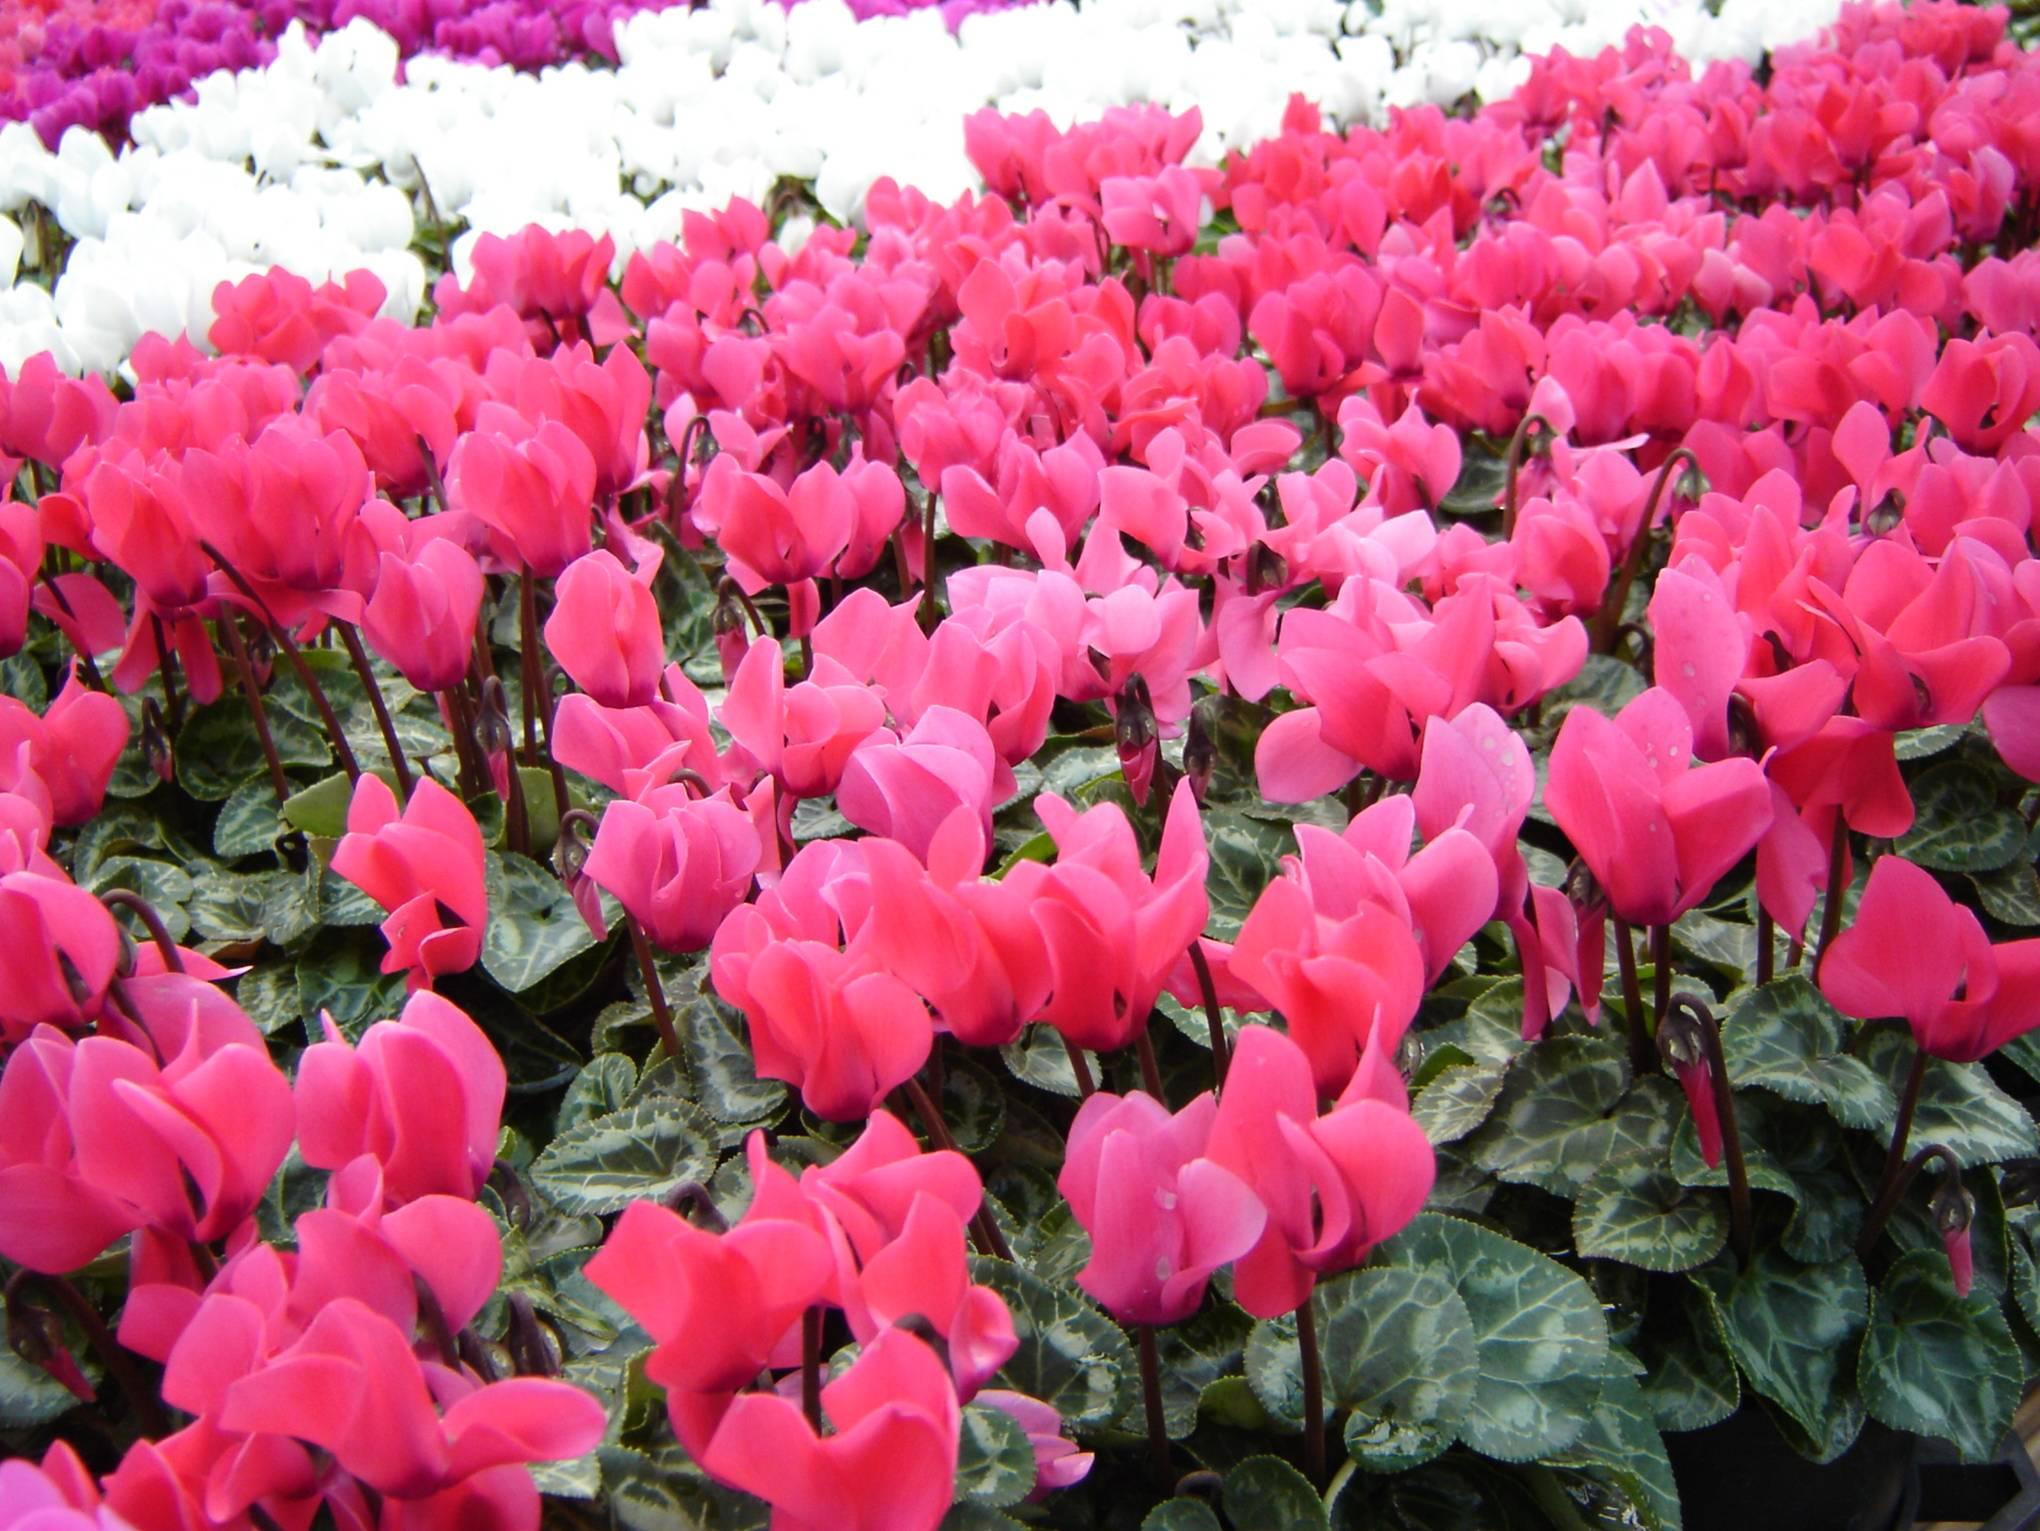 Ciclamino brogioni le mosse ortofloricoltura for Giardinaggio e fiori